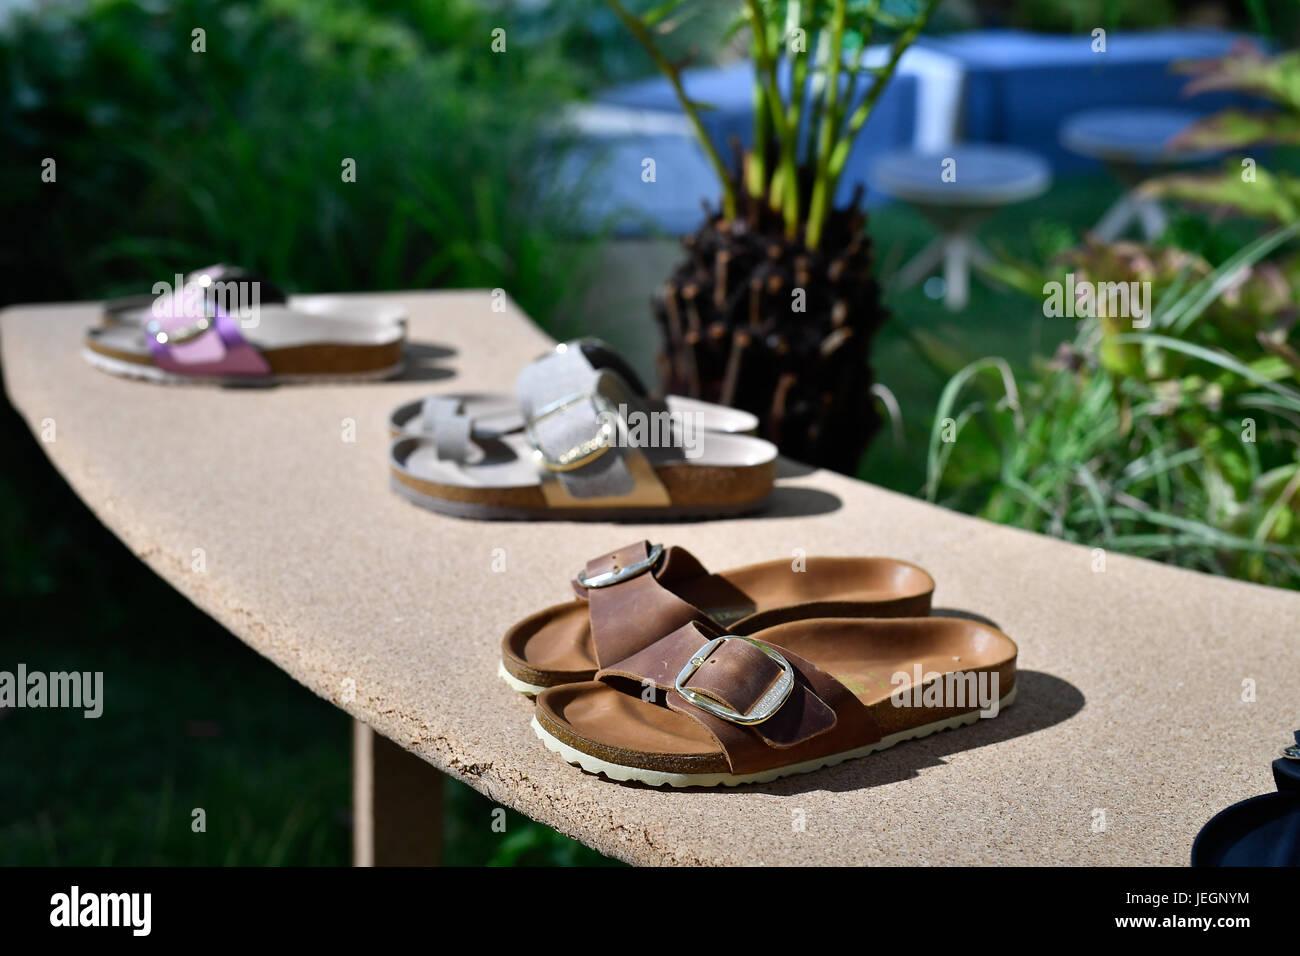 új termékek a lábán képek exkluzív cipő Paris, France. 24th June, 2017. Creations of BIRKENSTOCK for the ...